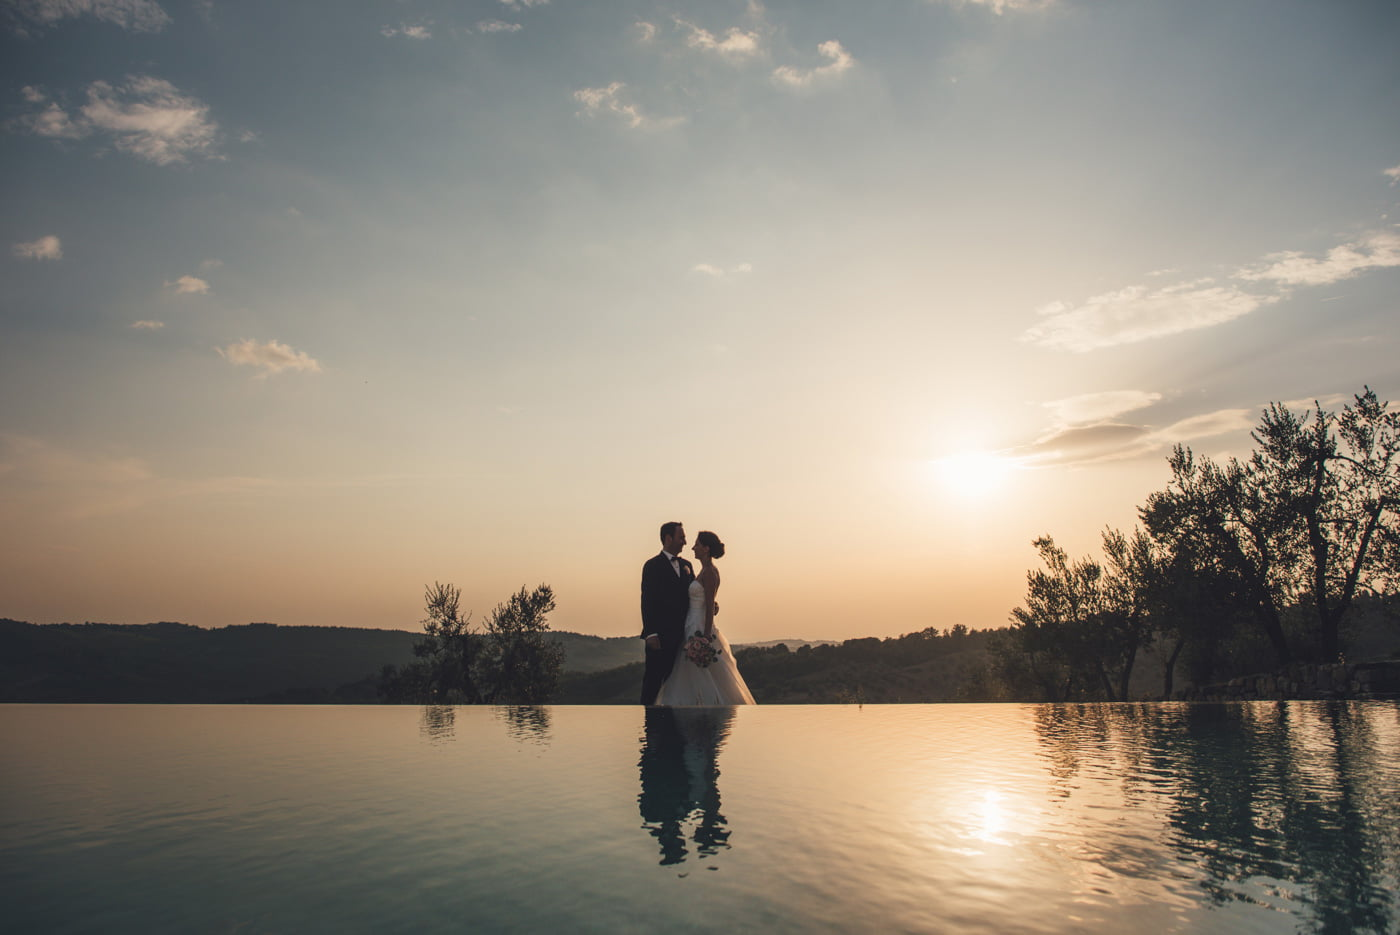 050-wedding-tuscany-rignana